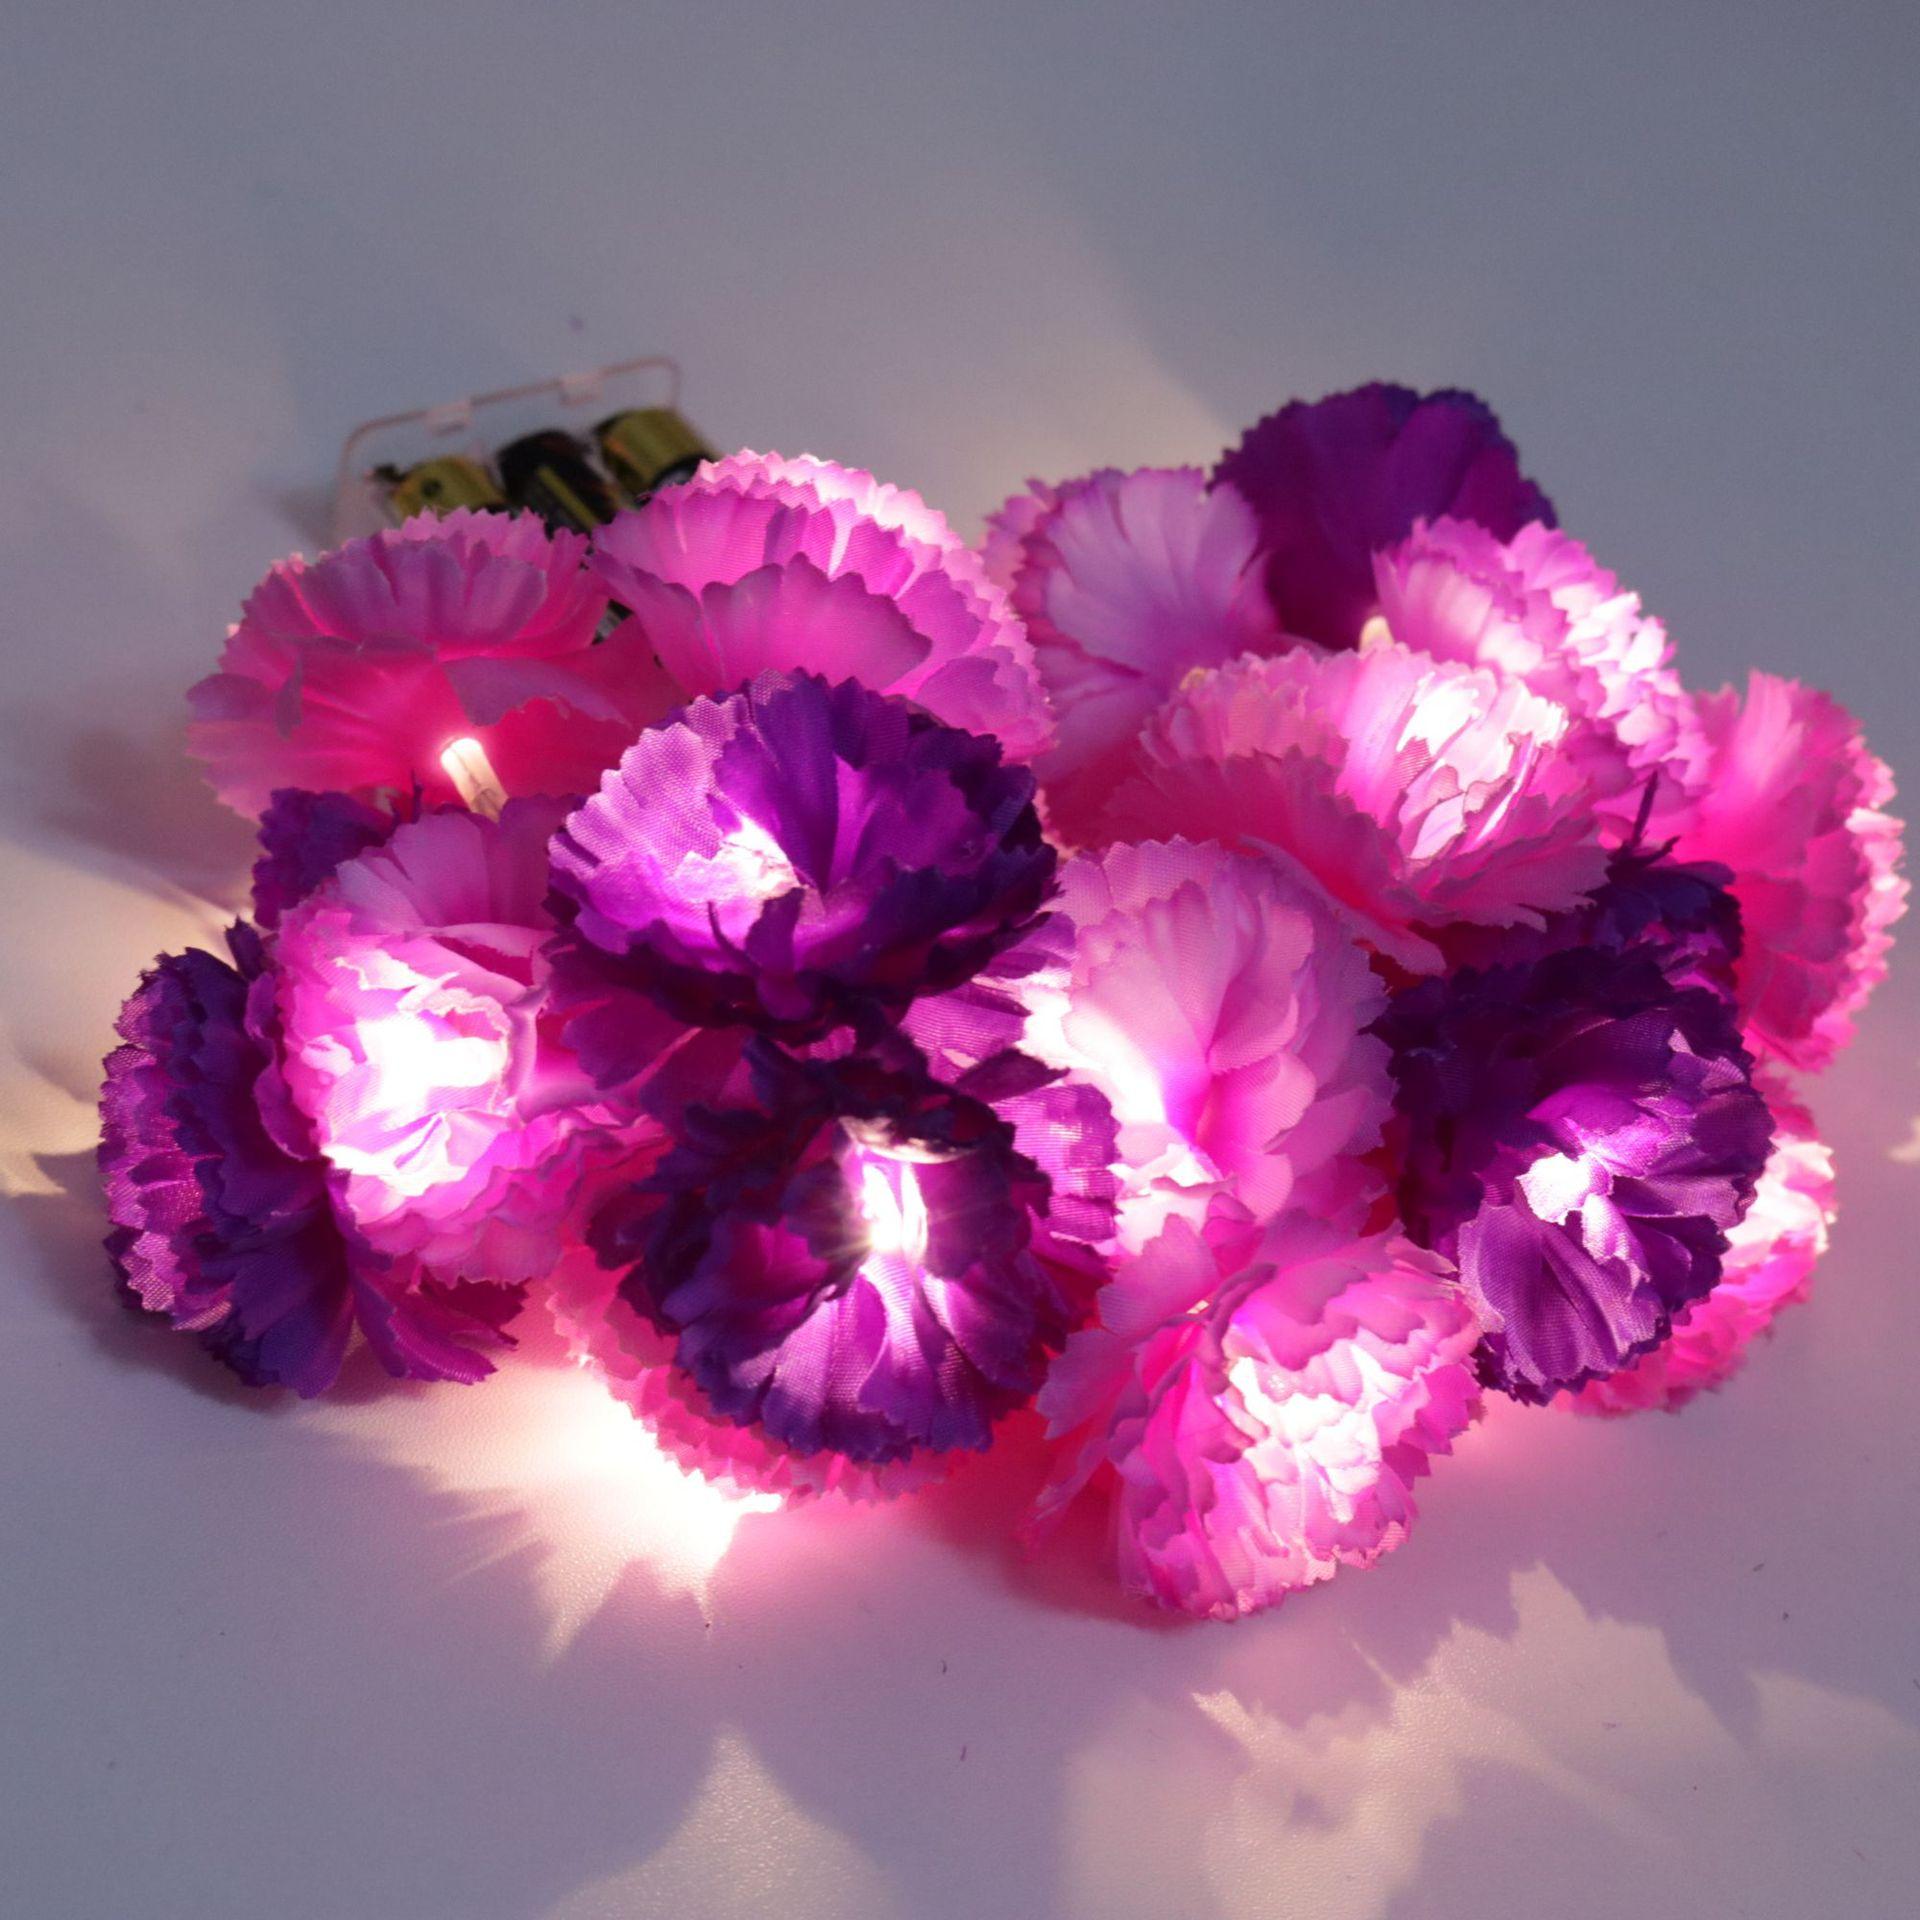 Led ضوء سلسلة الأرجواني محاكاة زهرة سلسلة مصباح الزفاف الديكور